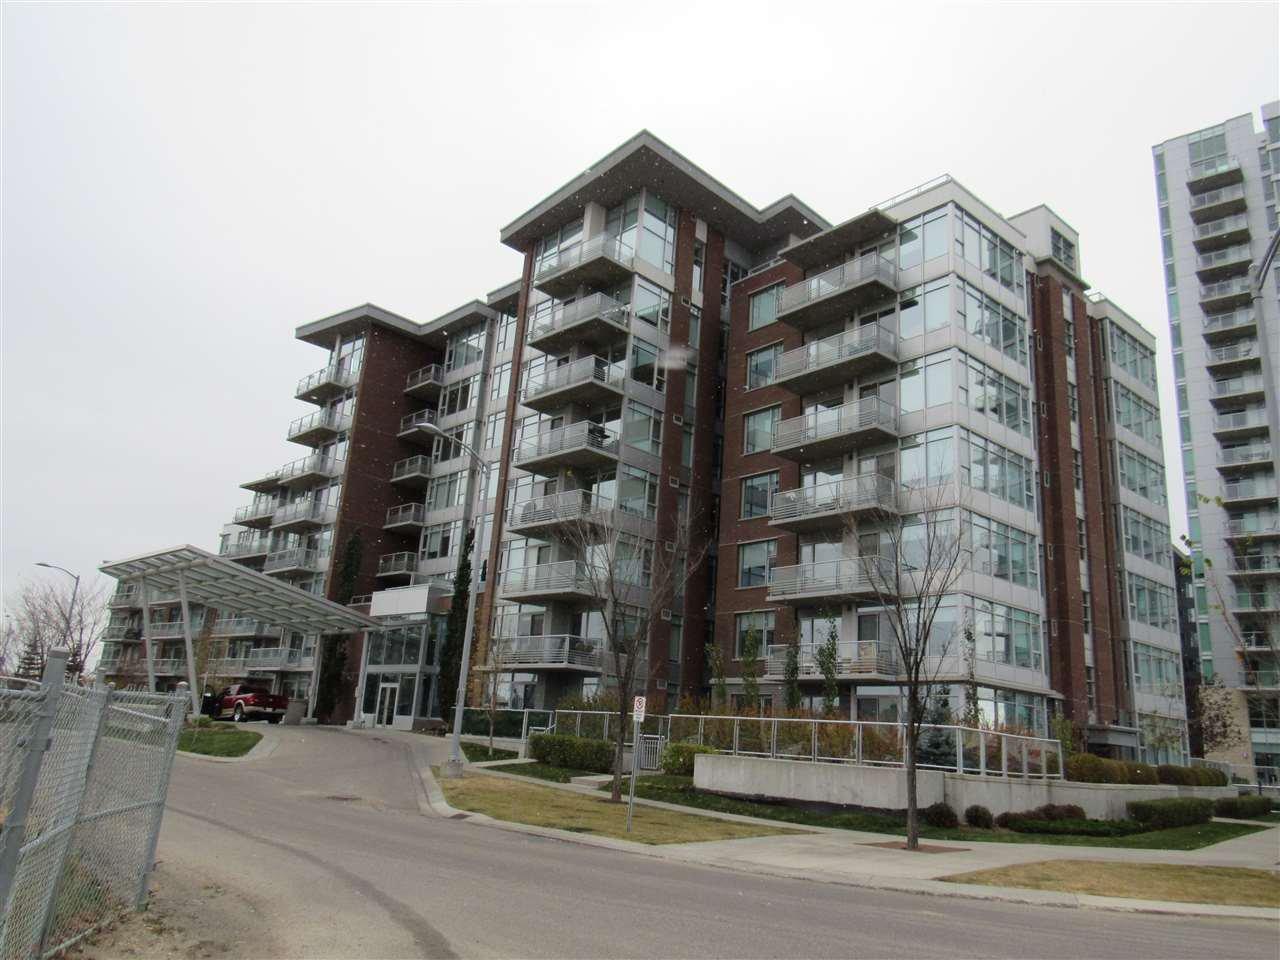 Main Photo: 205 2612 109 Street in Edmonton: Zone 16 Condo for sale : MLS®# E4218550